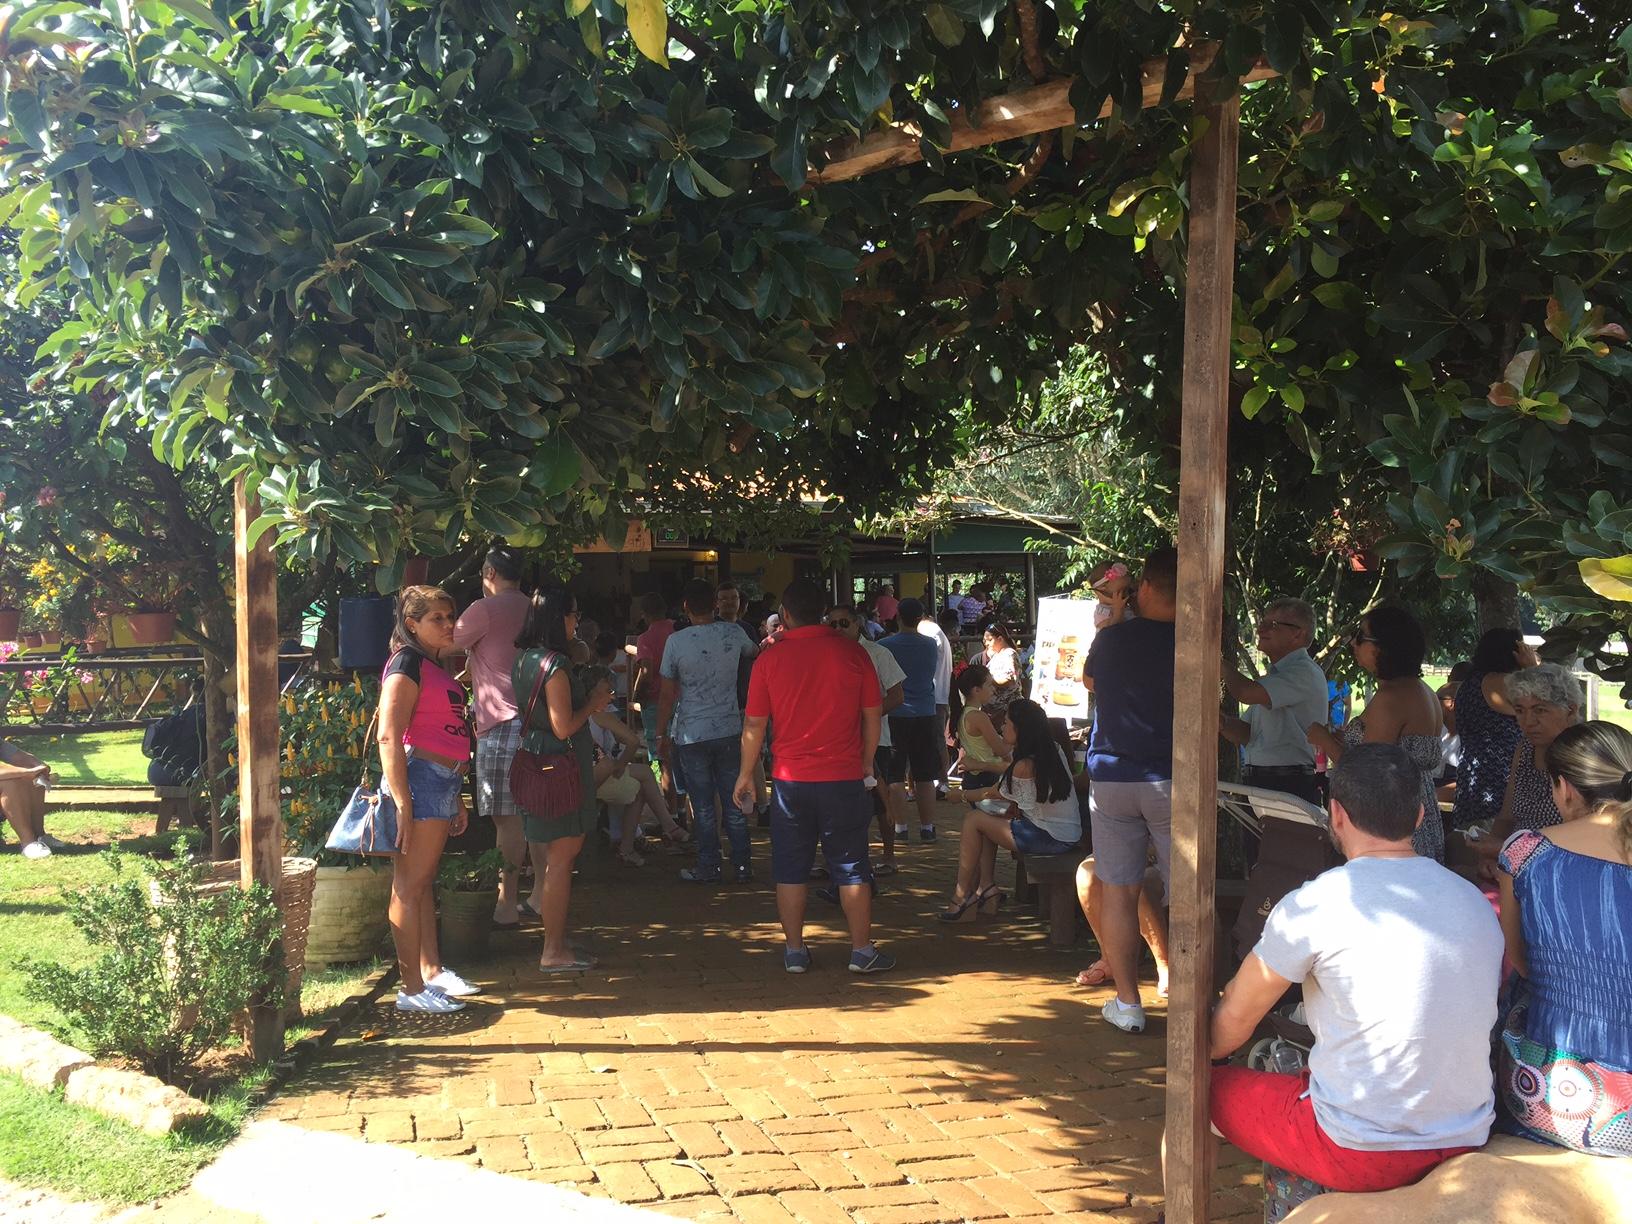 Bastante gente aguardando mesa, mas a espera estava bem organizada